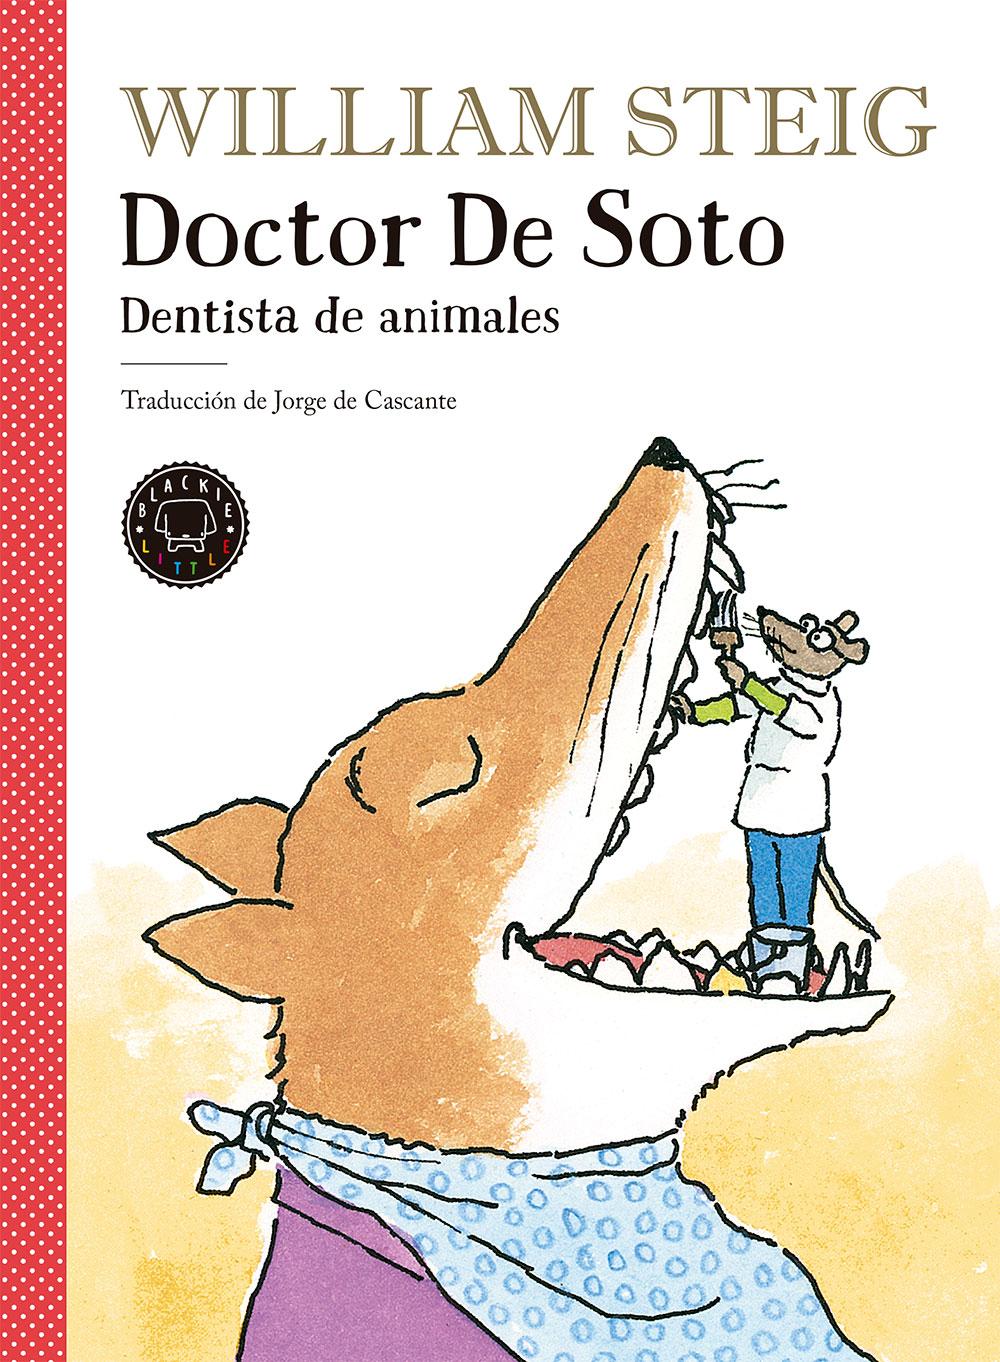 Doctor de soto.jpg